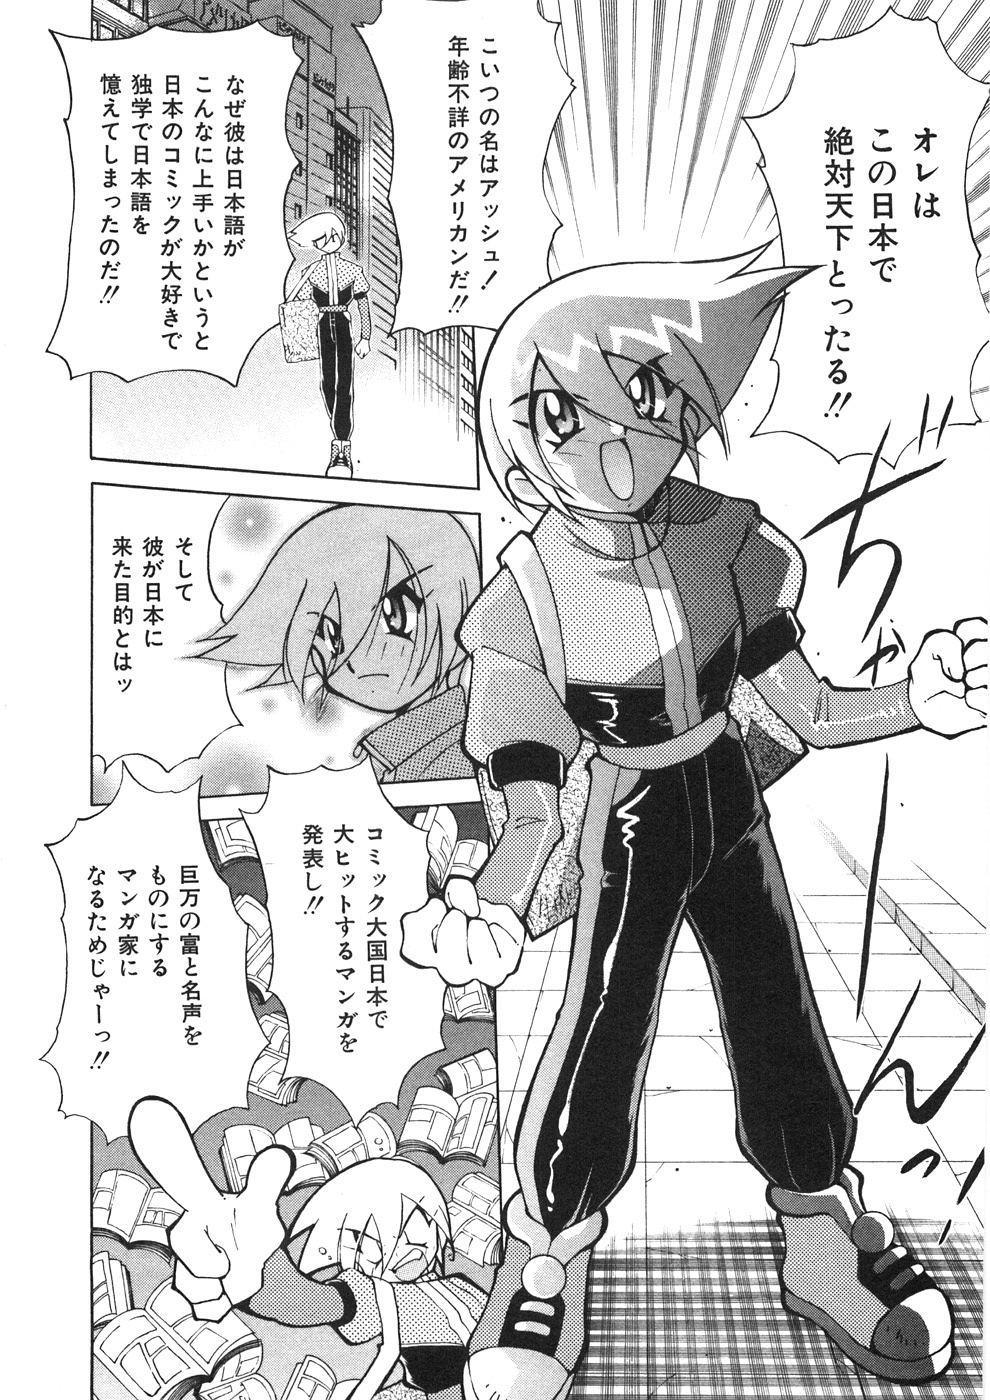 Chichichichi Banban 9